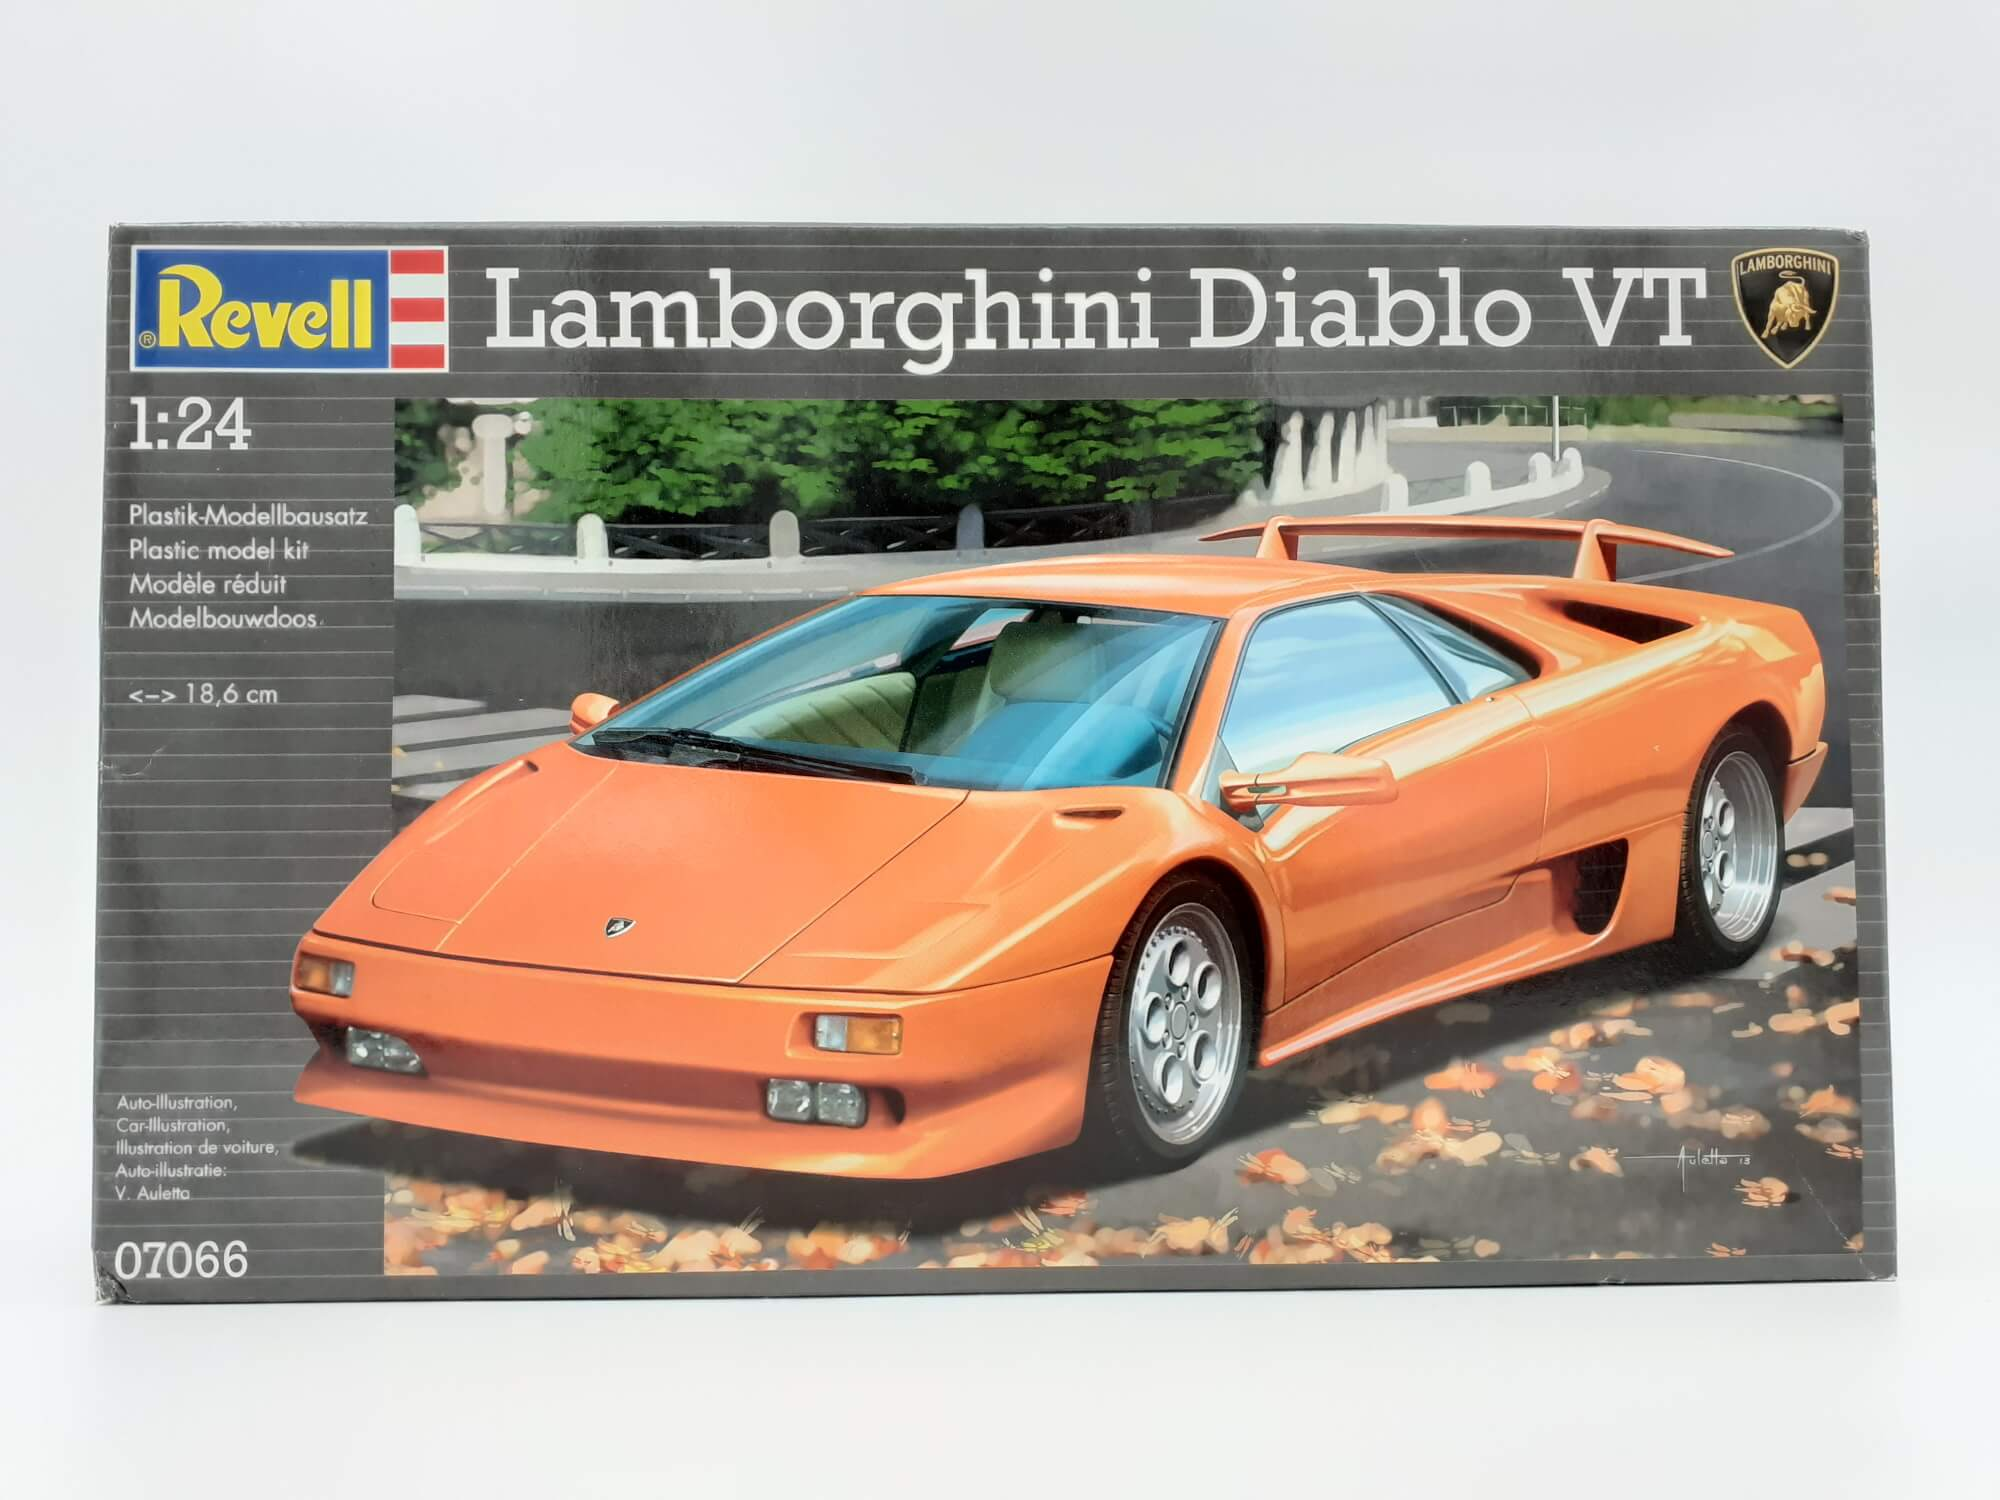 Revell maketa Lamborghini Diablo VT 1:24